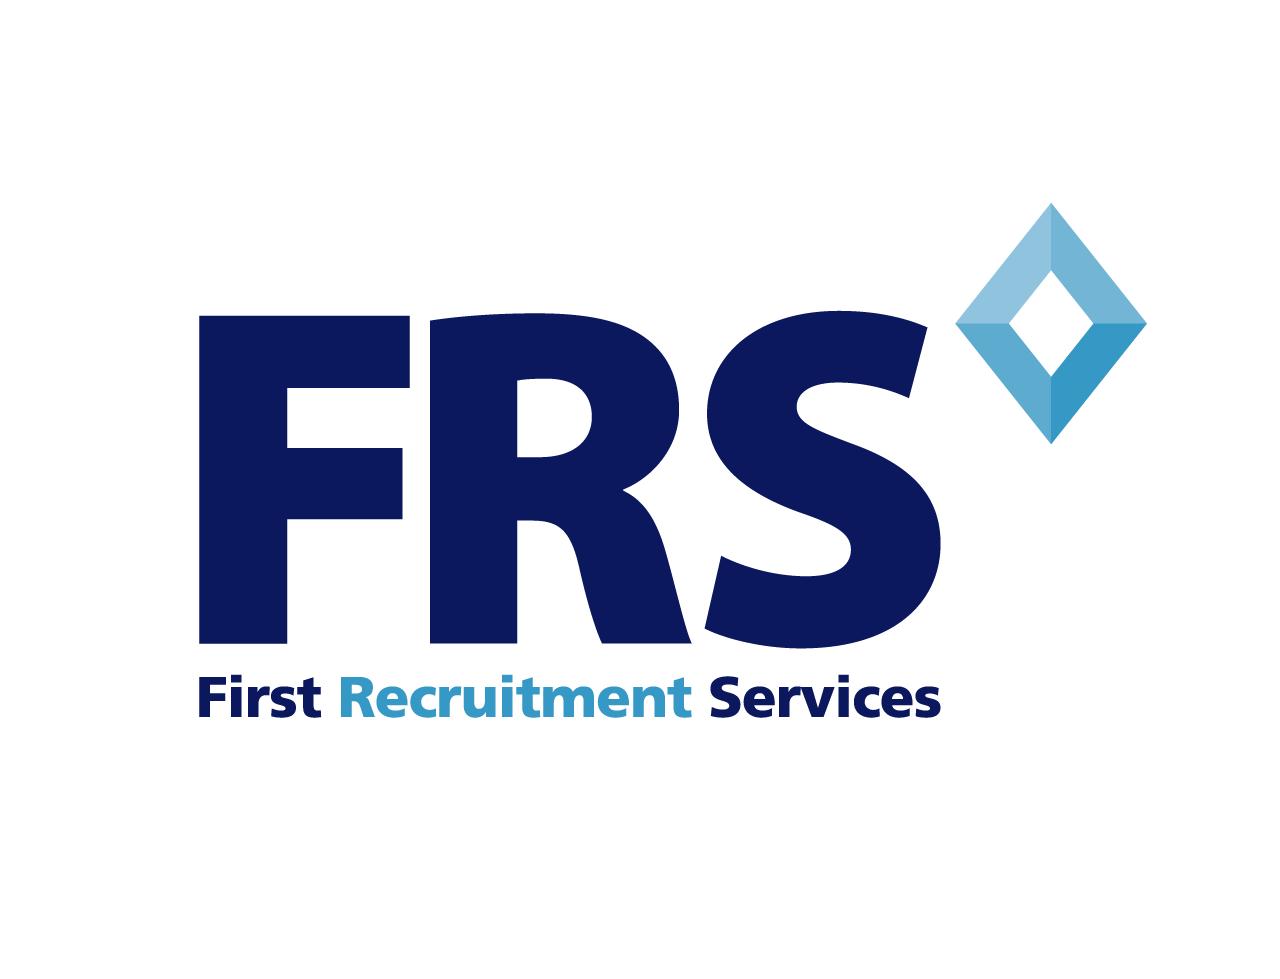 firstrecruitment_1280